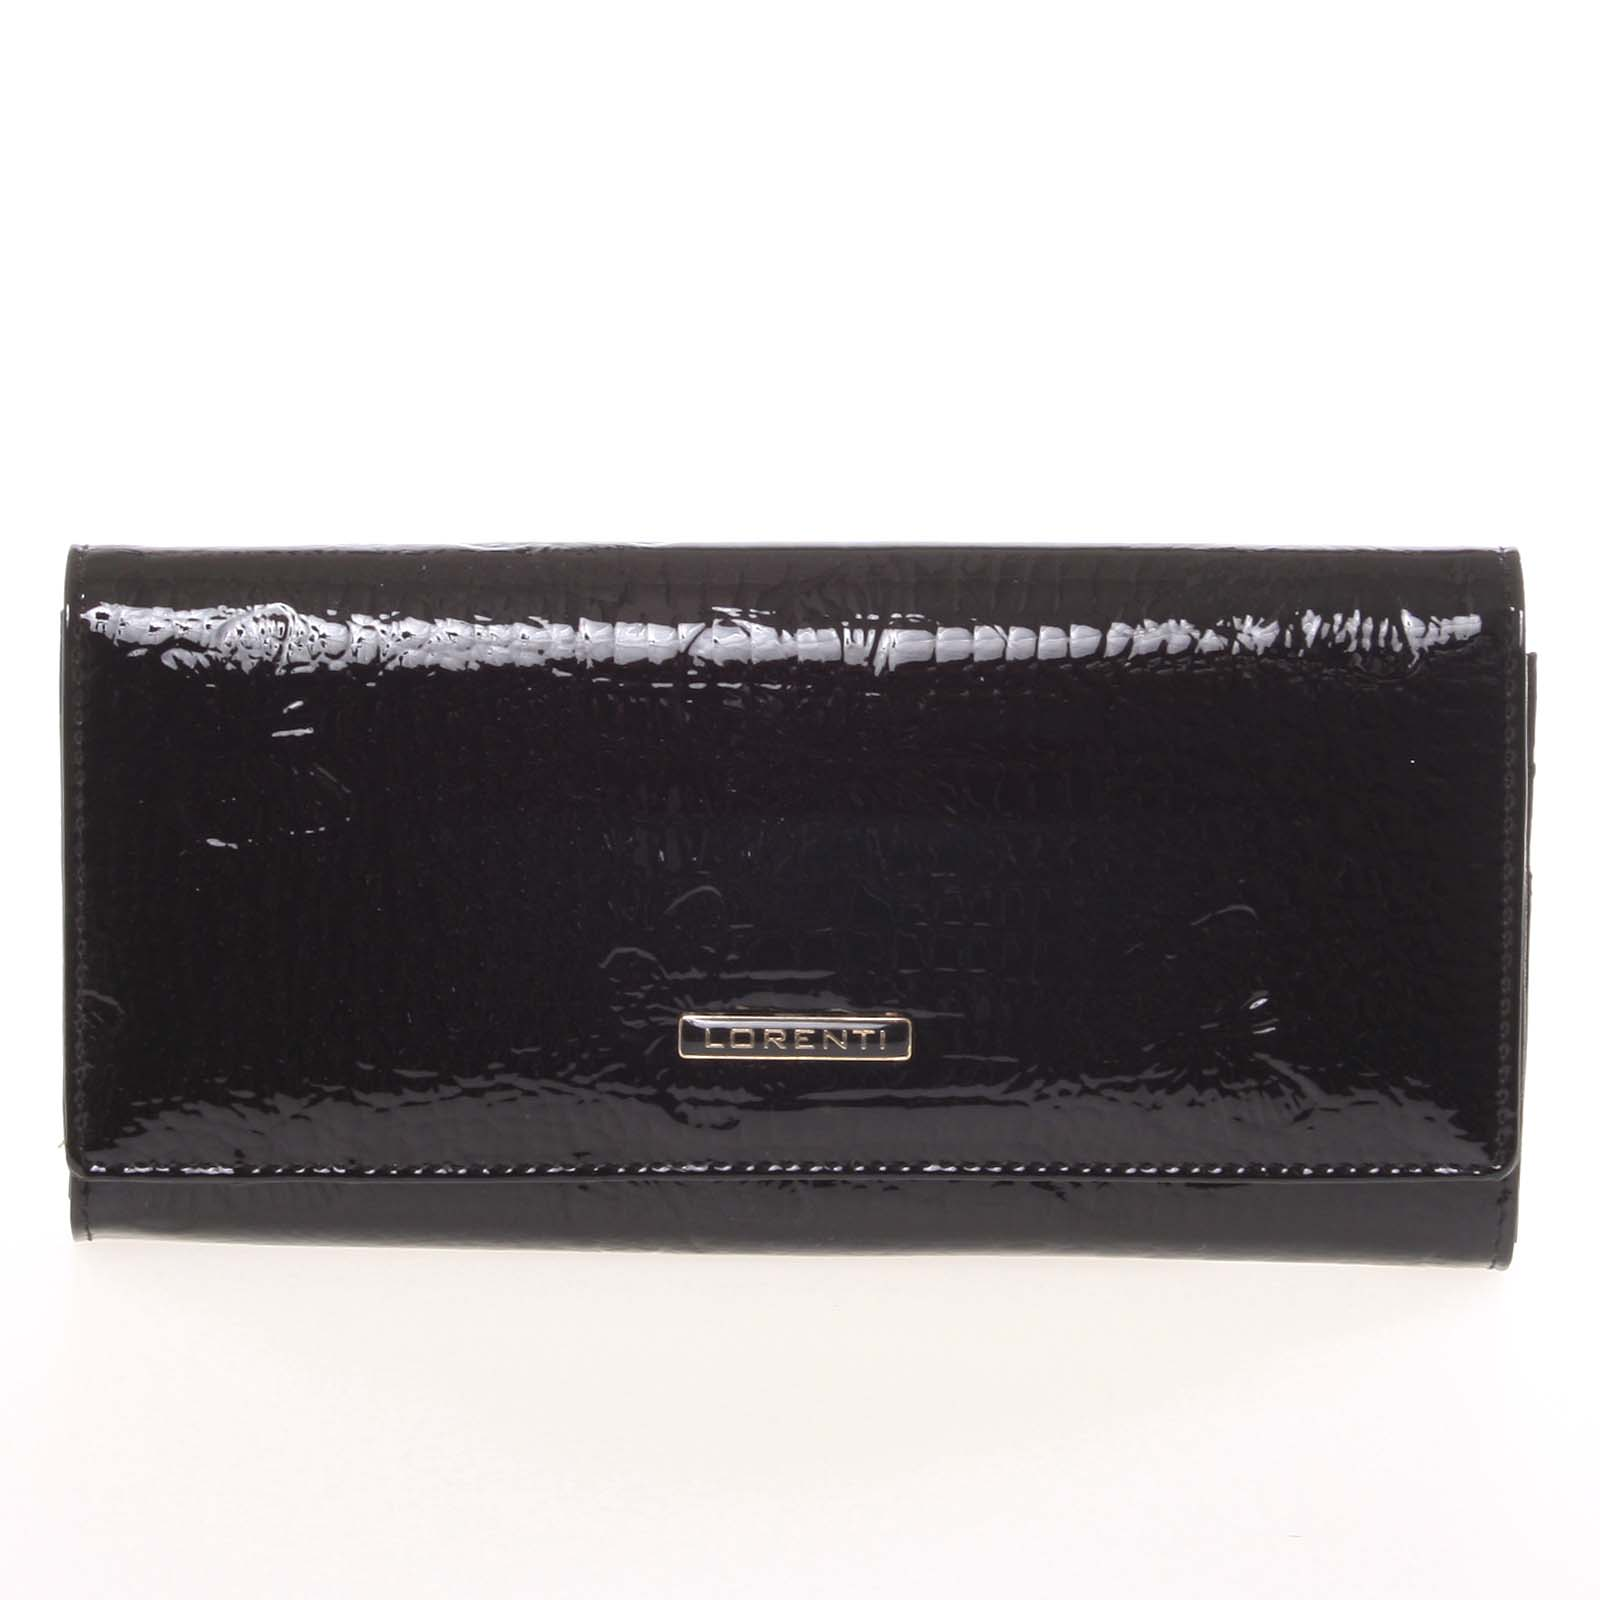 Dámská módní kožená lakovaná peněženka černá - Lorenti Idylla